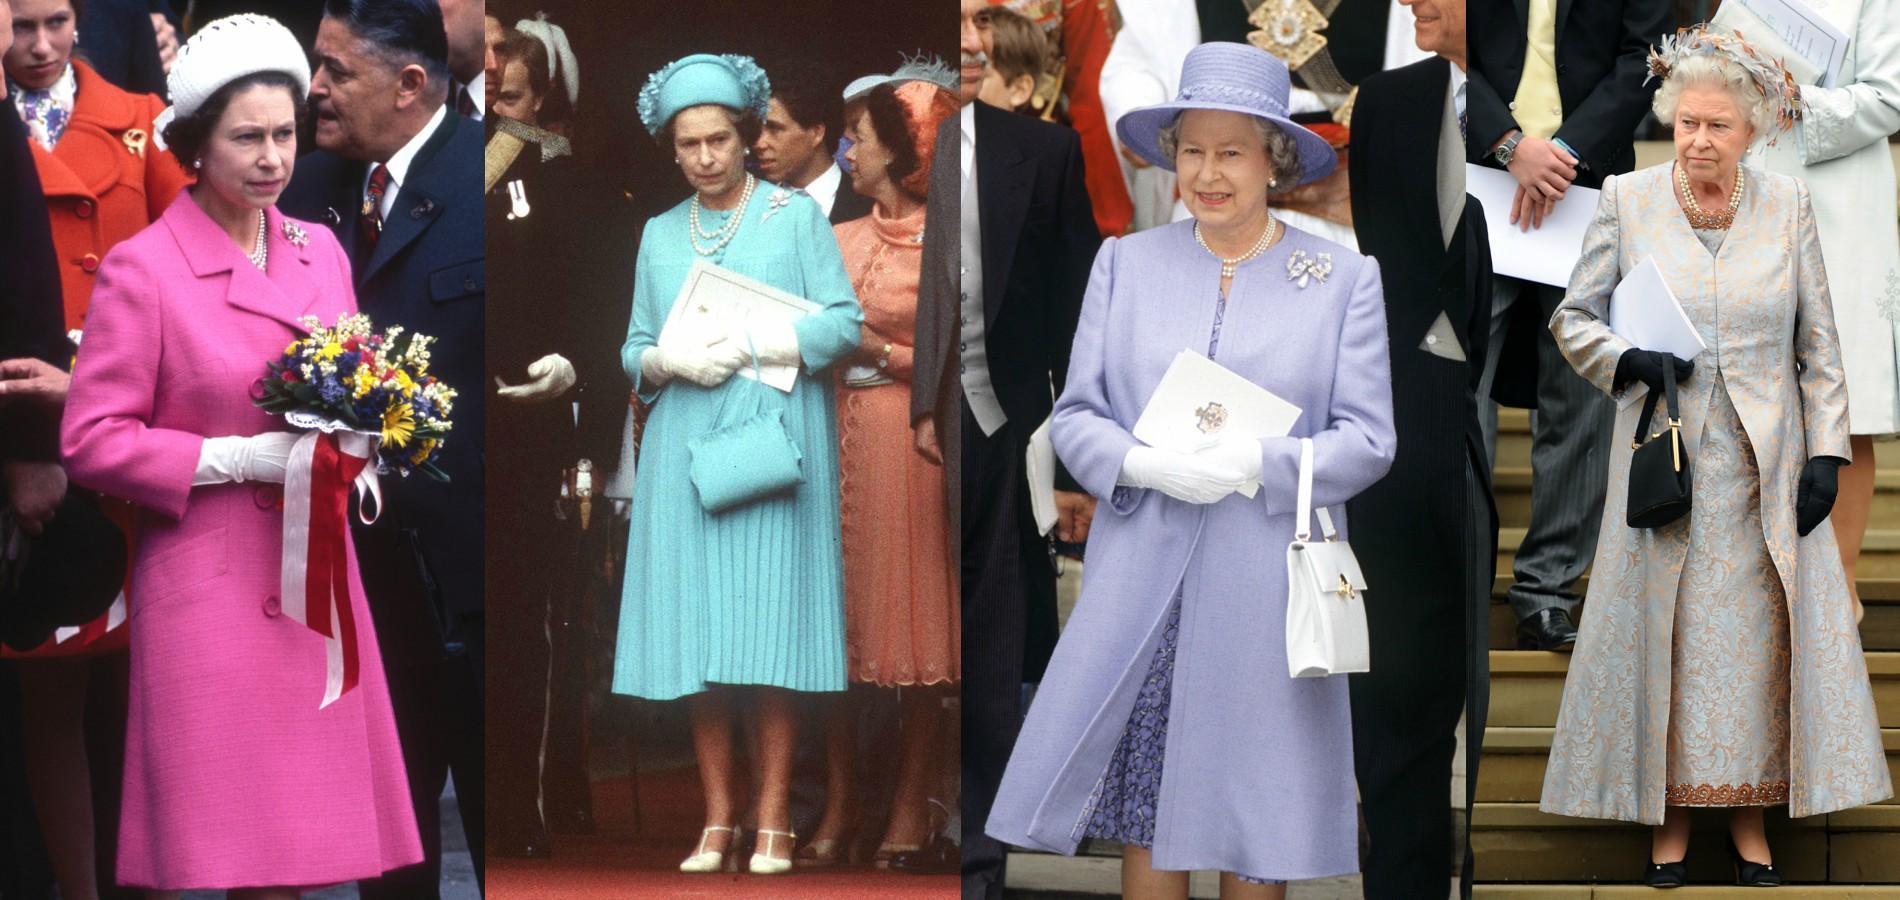 Les 1001 tenues (et couleurs) d\u0027Elizabeth II invitée à un mariage